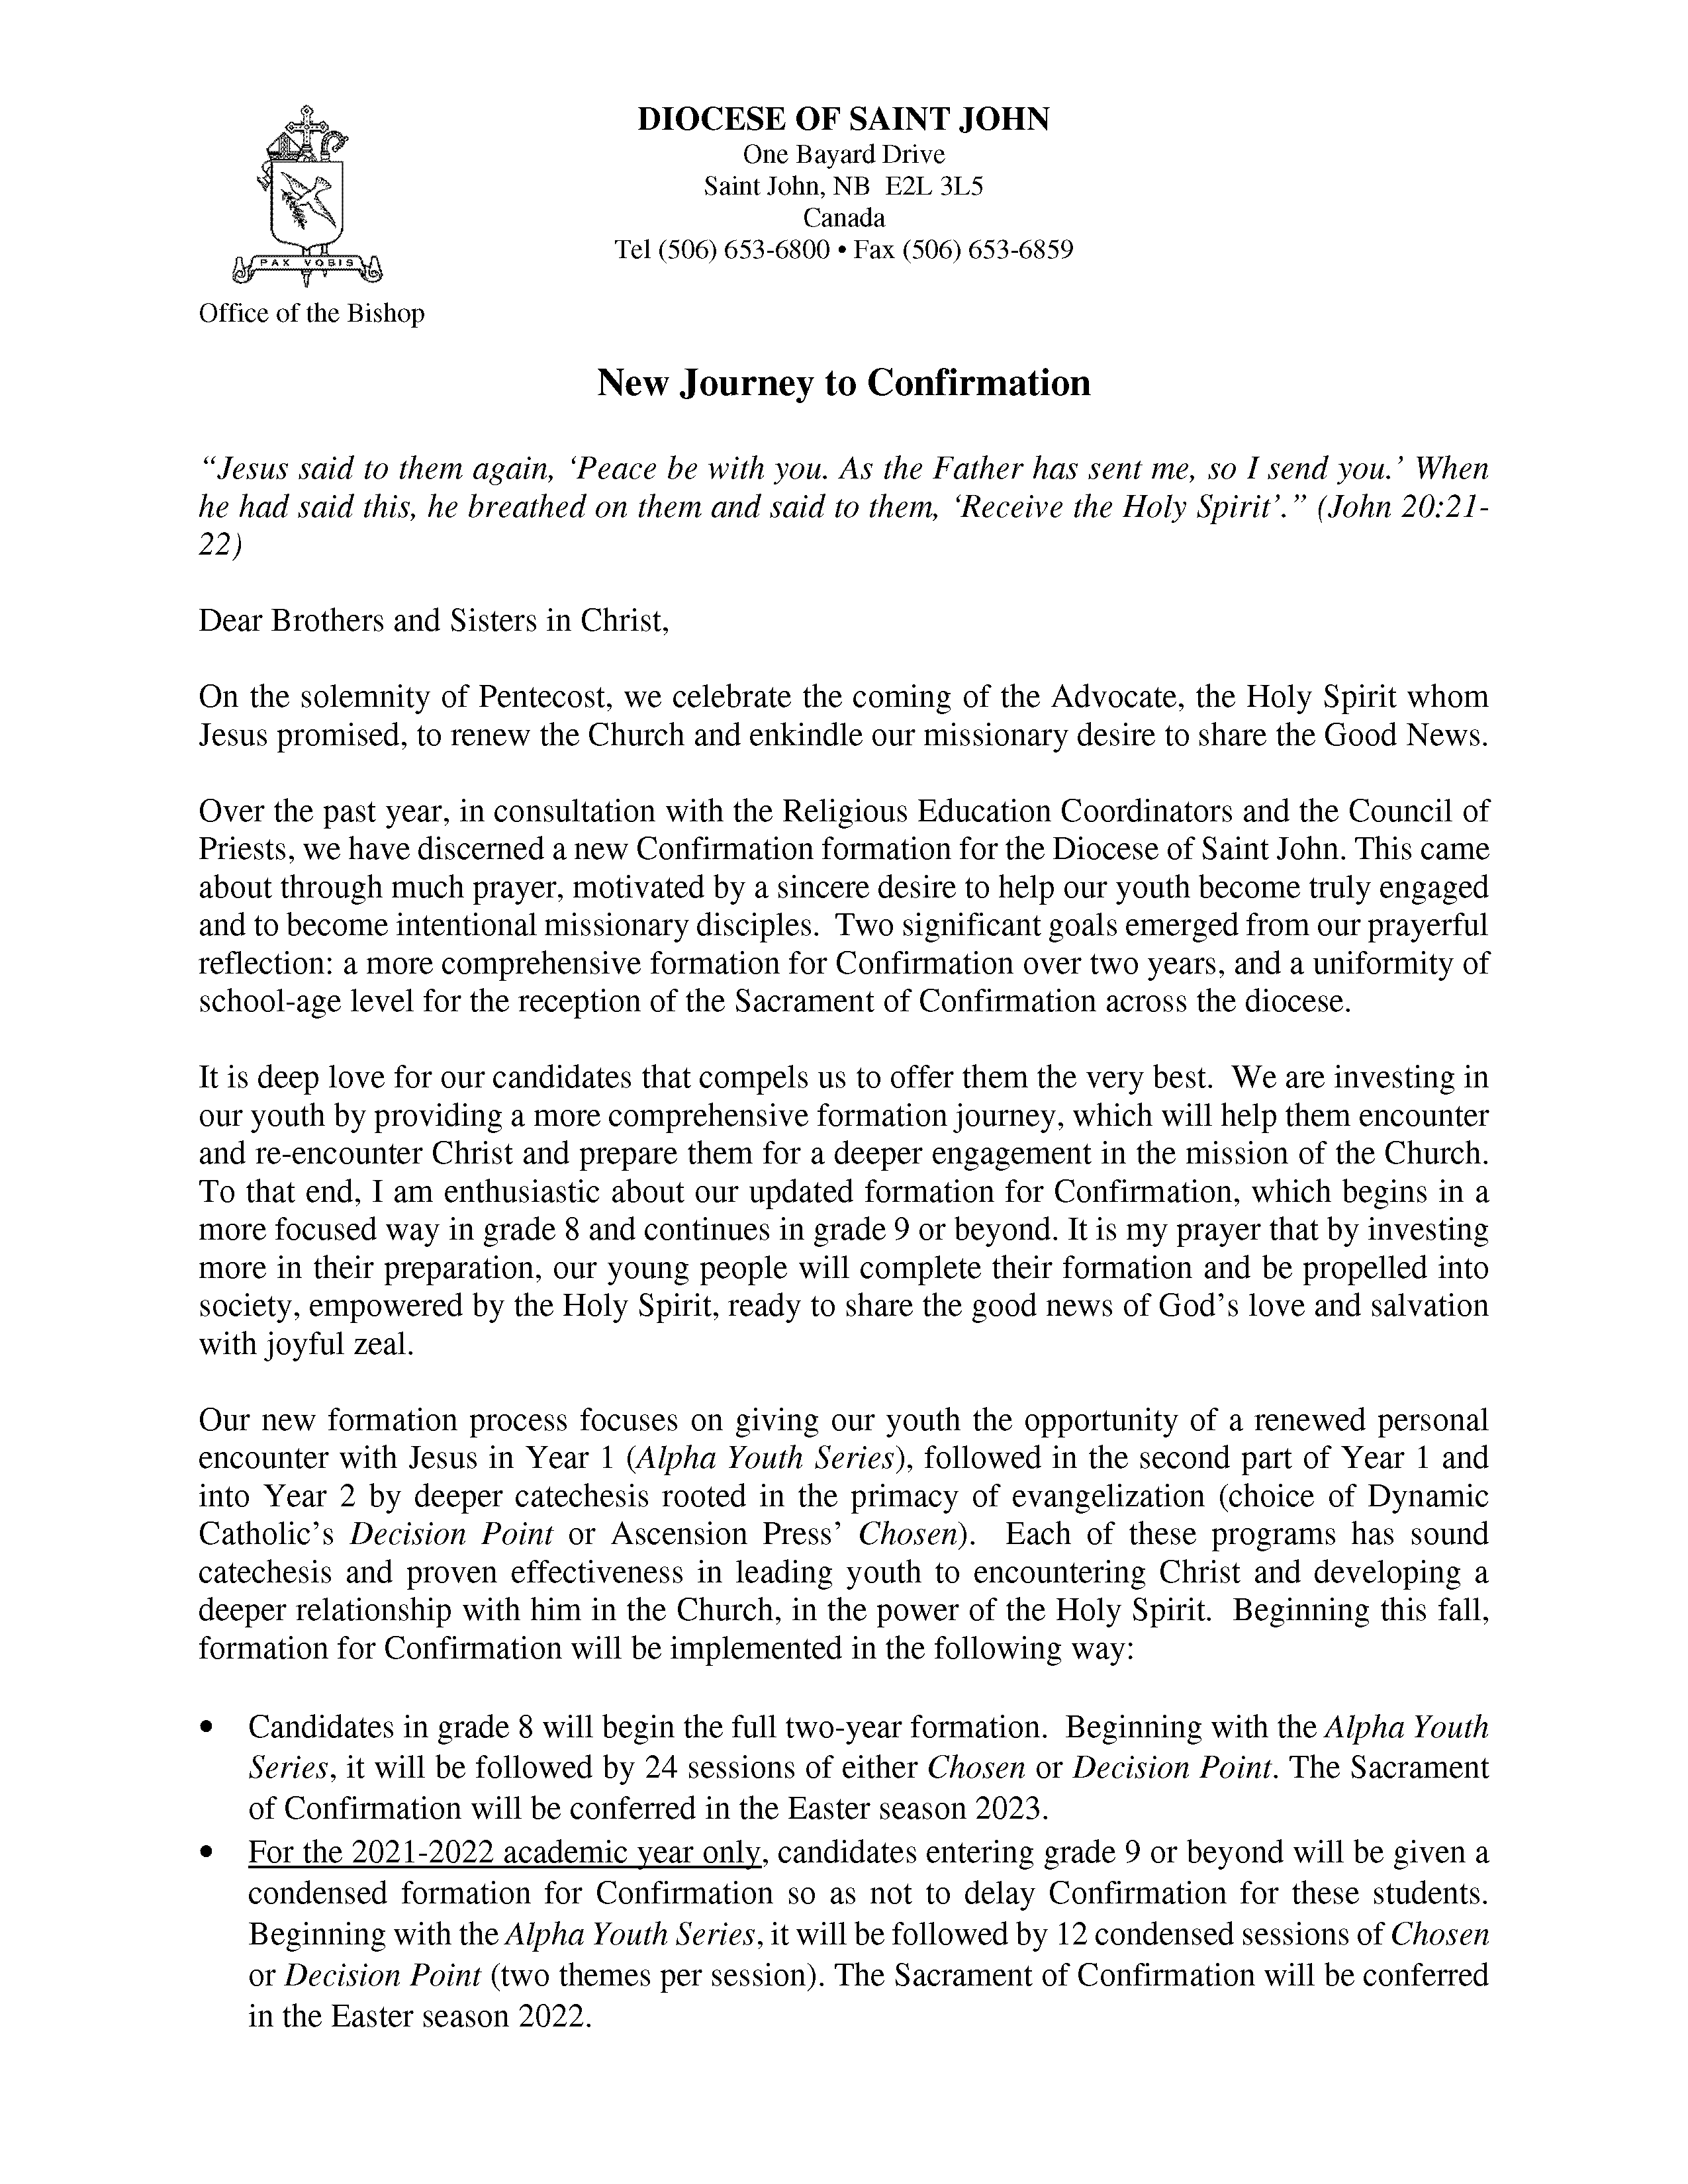 Bishop's Letter Regarding Confirmation